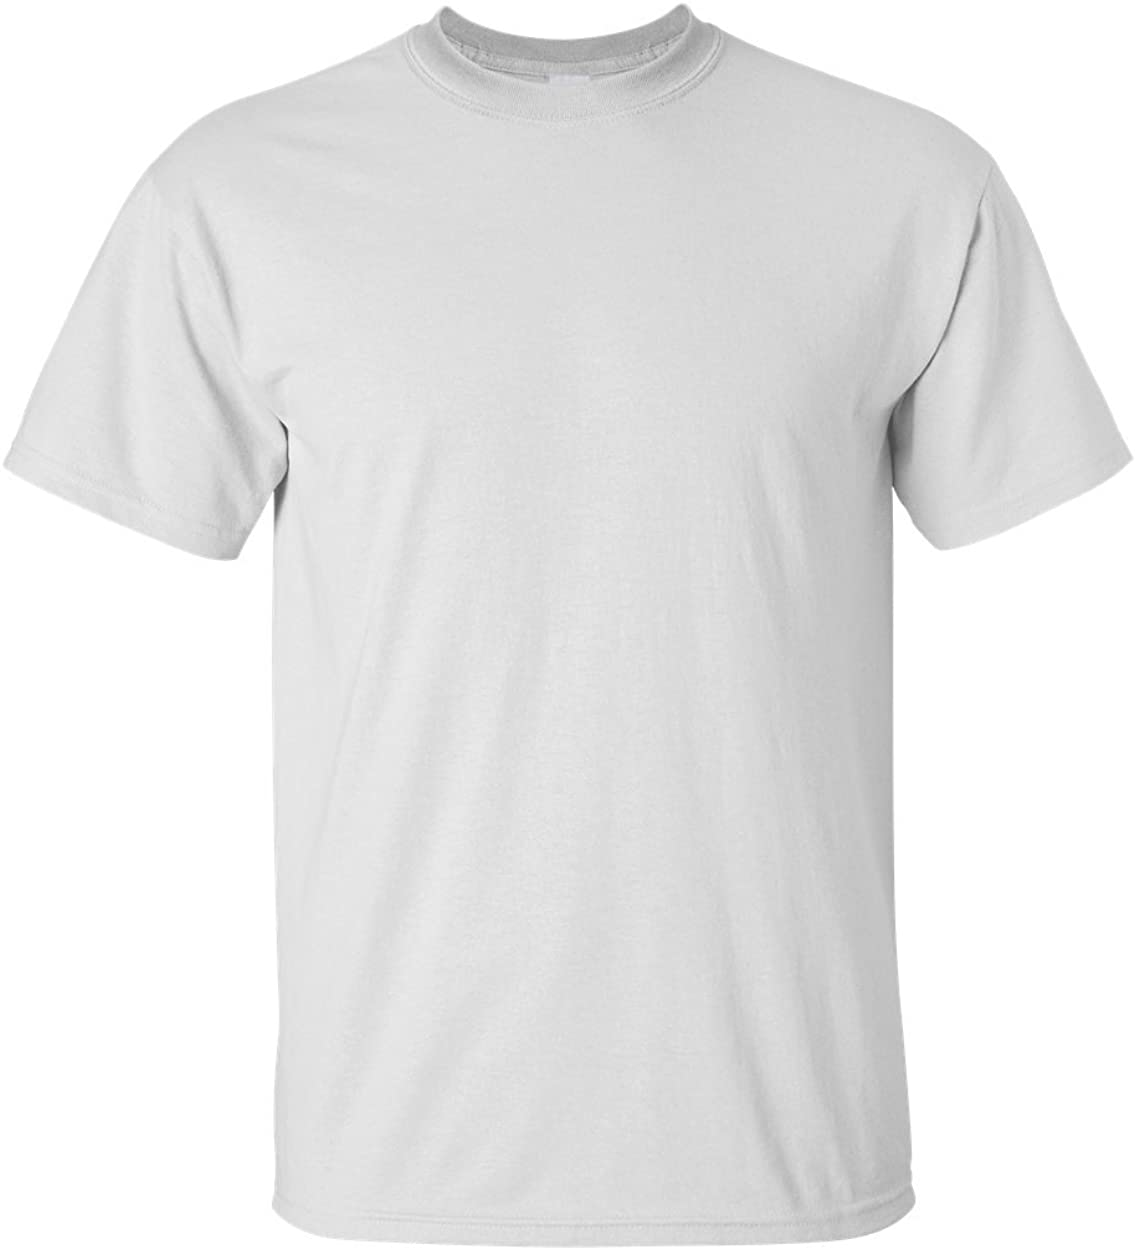 Ultra Cotton Tall 6 oz. Short-Sleeve T-Shirt (G200T)